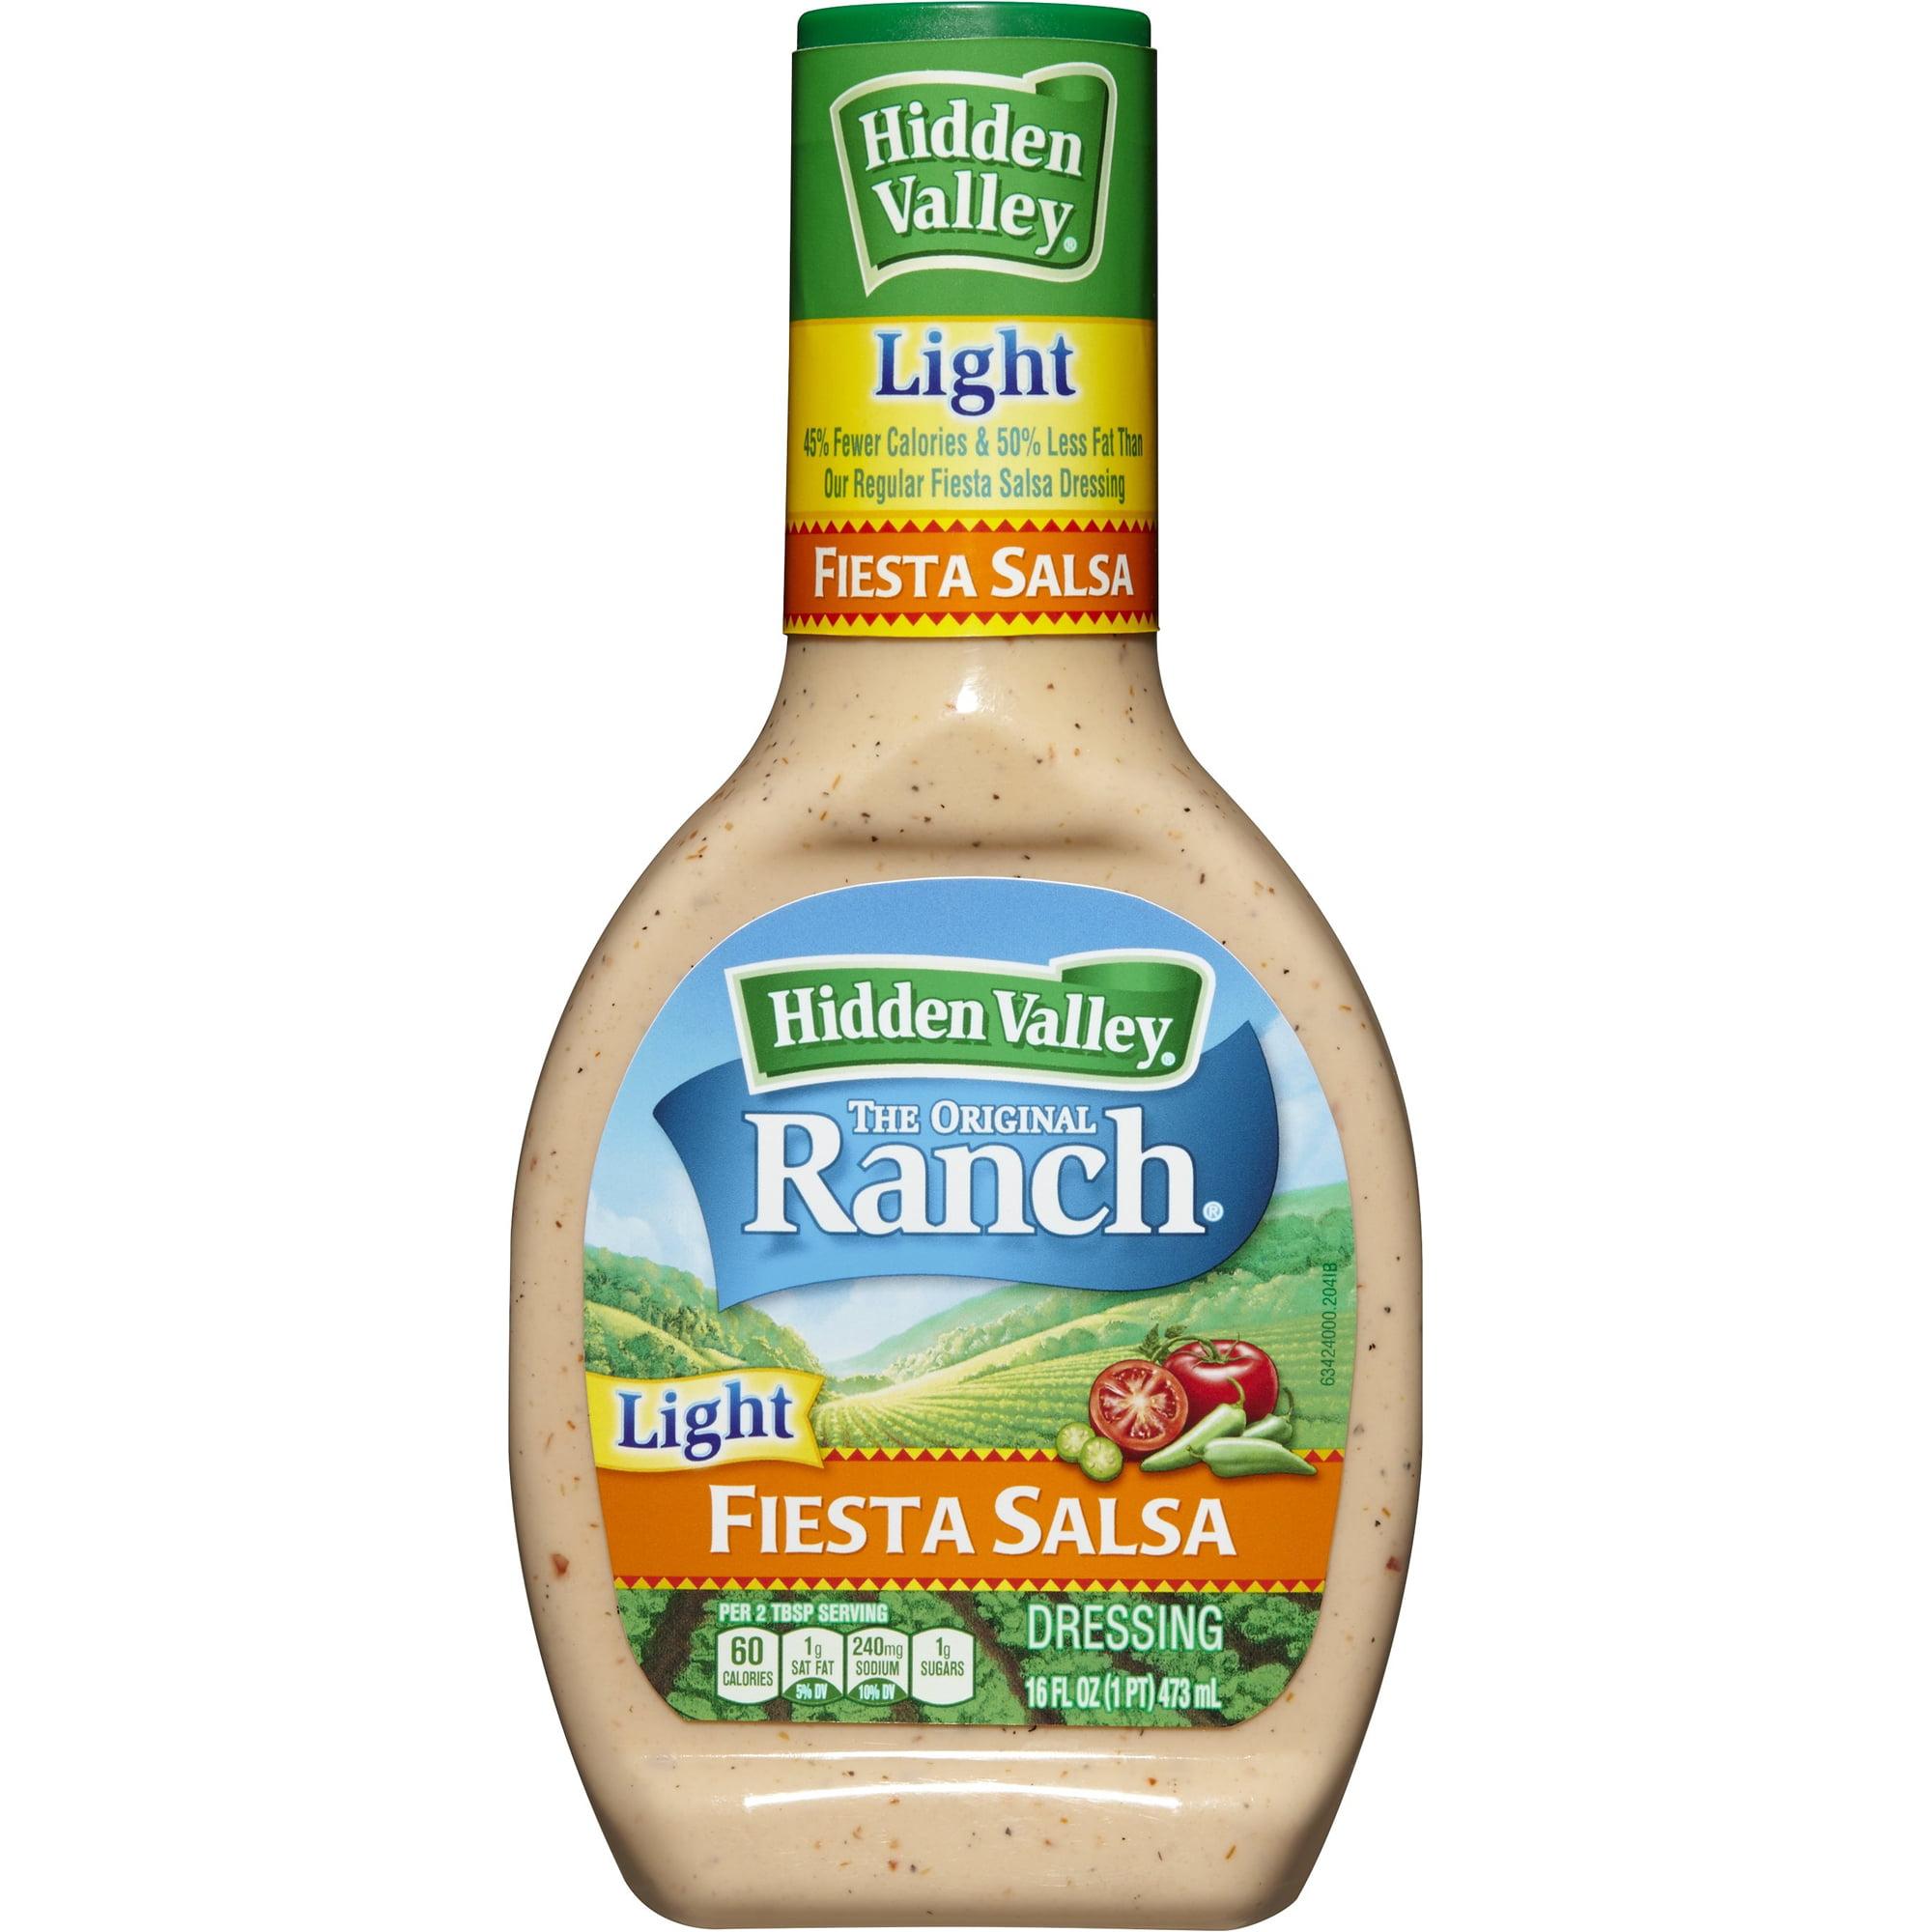 Hidden Valley Original Ranch Light Dressing, Fiesta Salsa, 16 Fluid Ounces